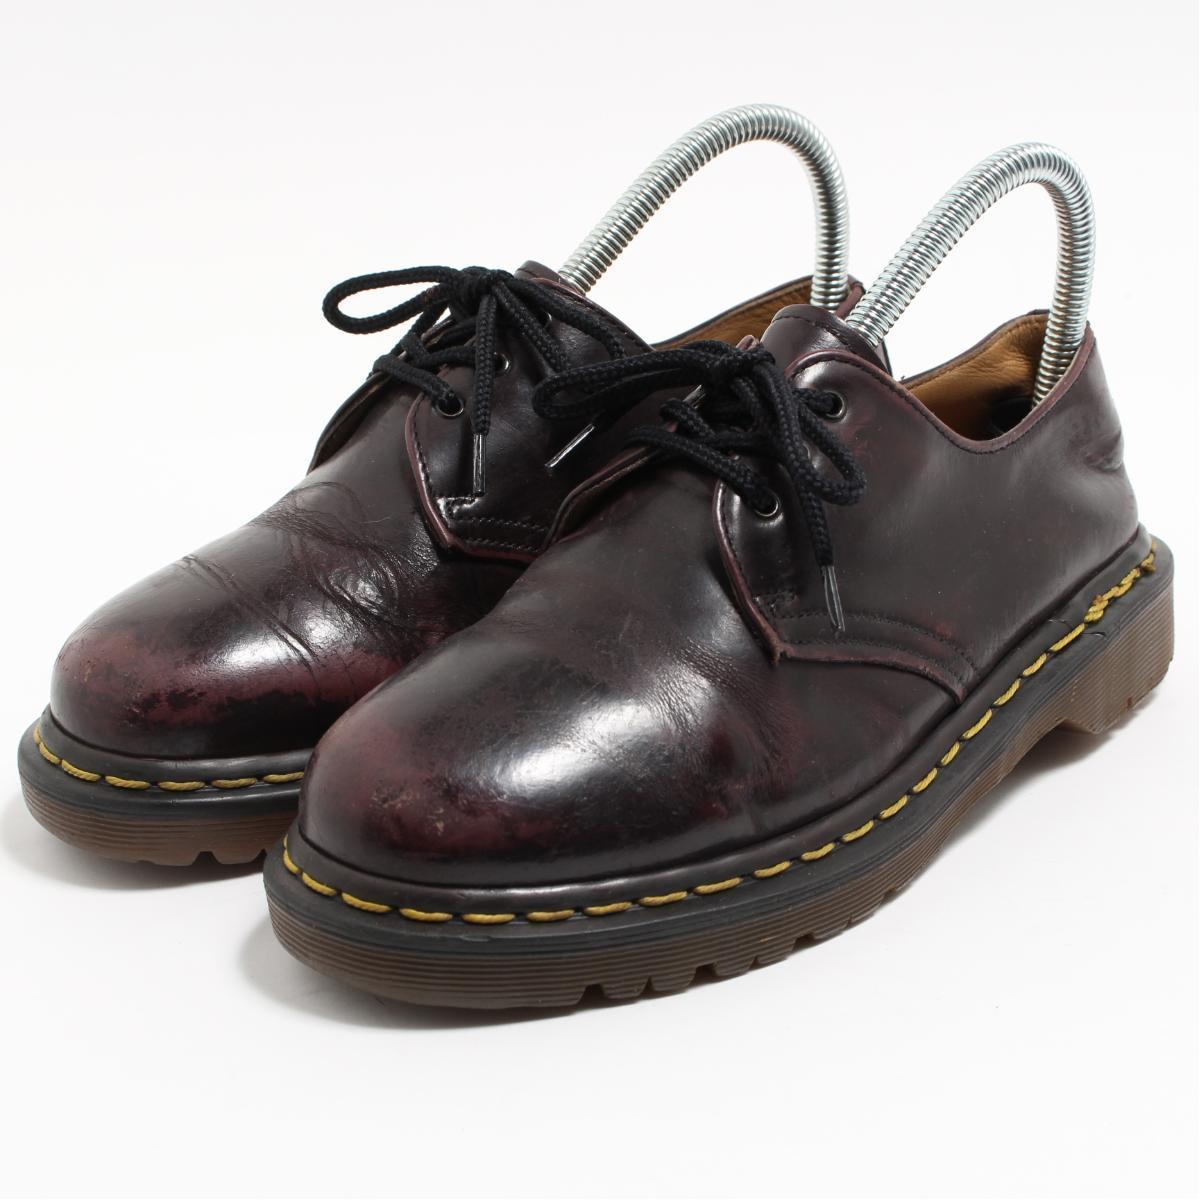 ドクターマーチン Dr.Martens 3ホールシューズ 英国製 UK5 レディース23.5cm /boo6304 【中古】 【190318】